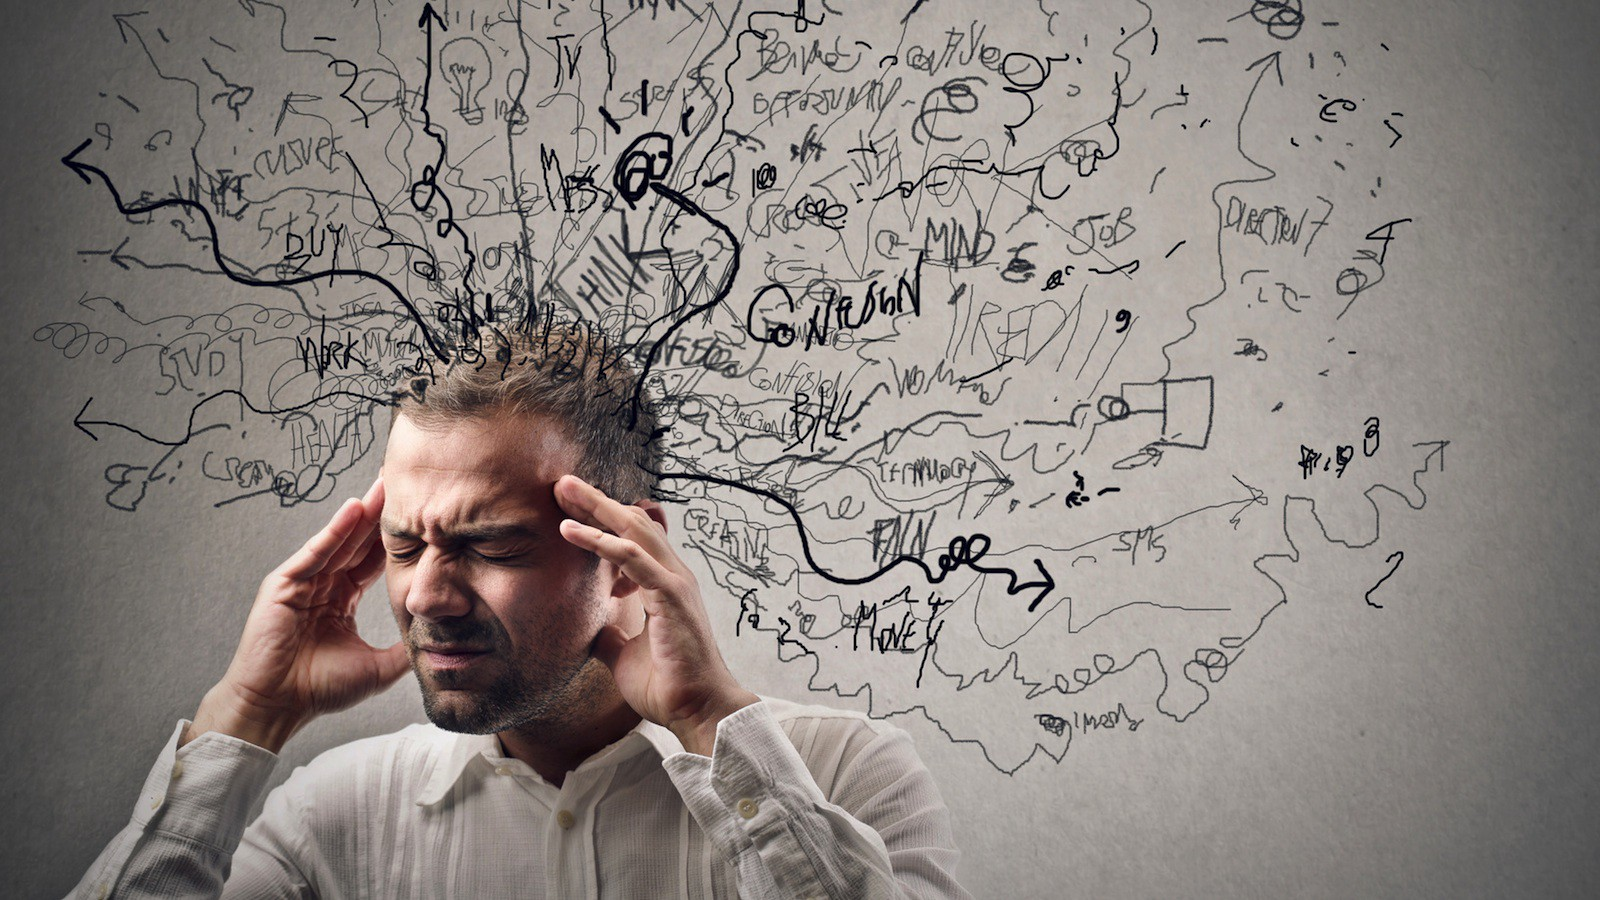 Ψυχοκοινωνική στήριξη για τη νόσο Covid-19 προσφέρει η τηλεφωνική γραμμή 10306